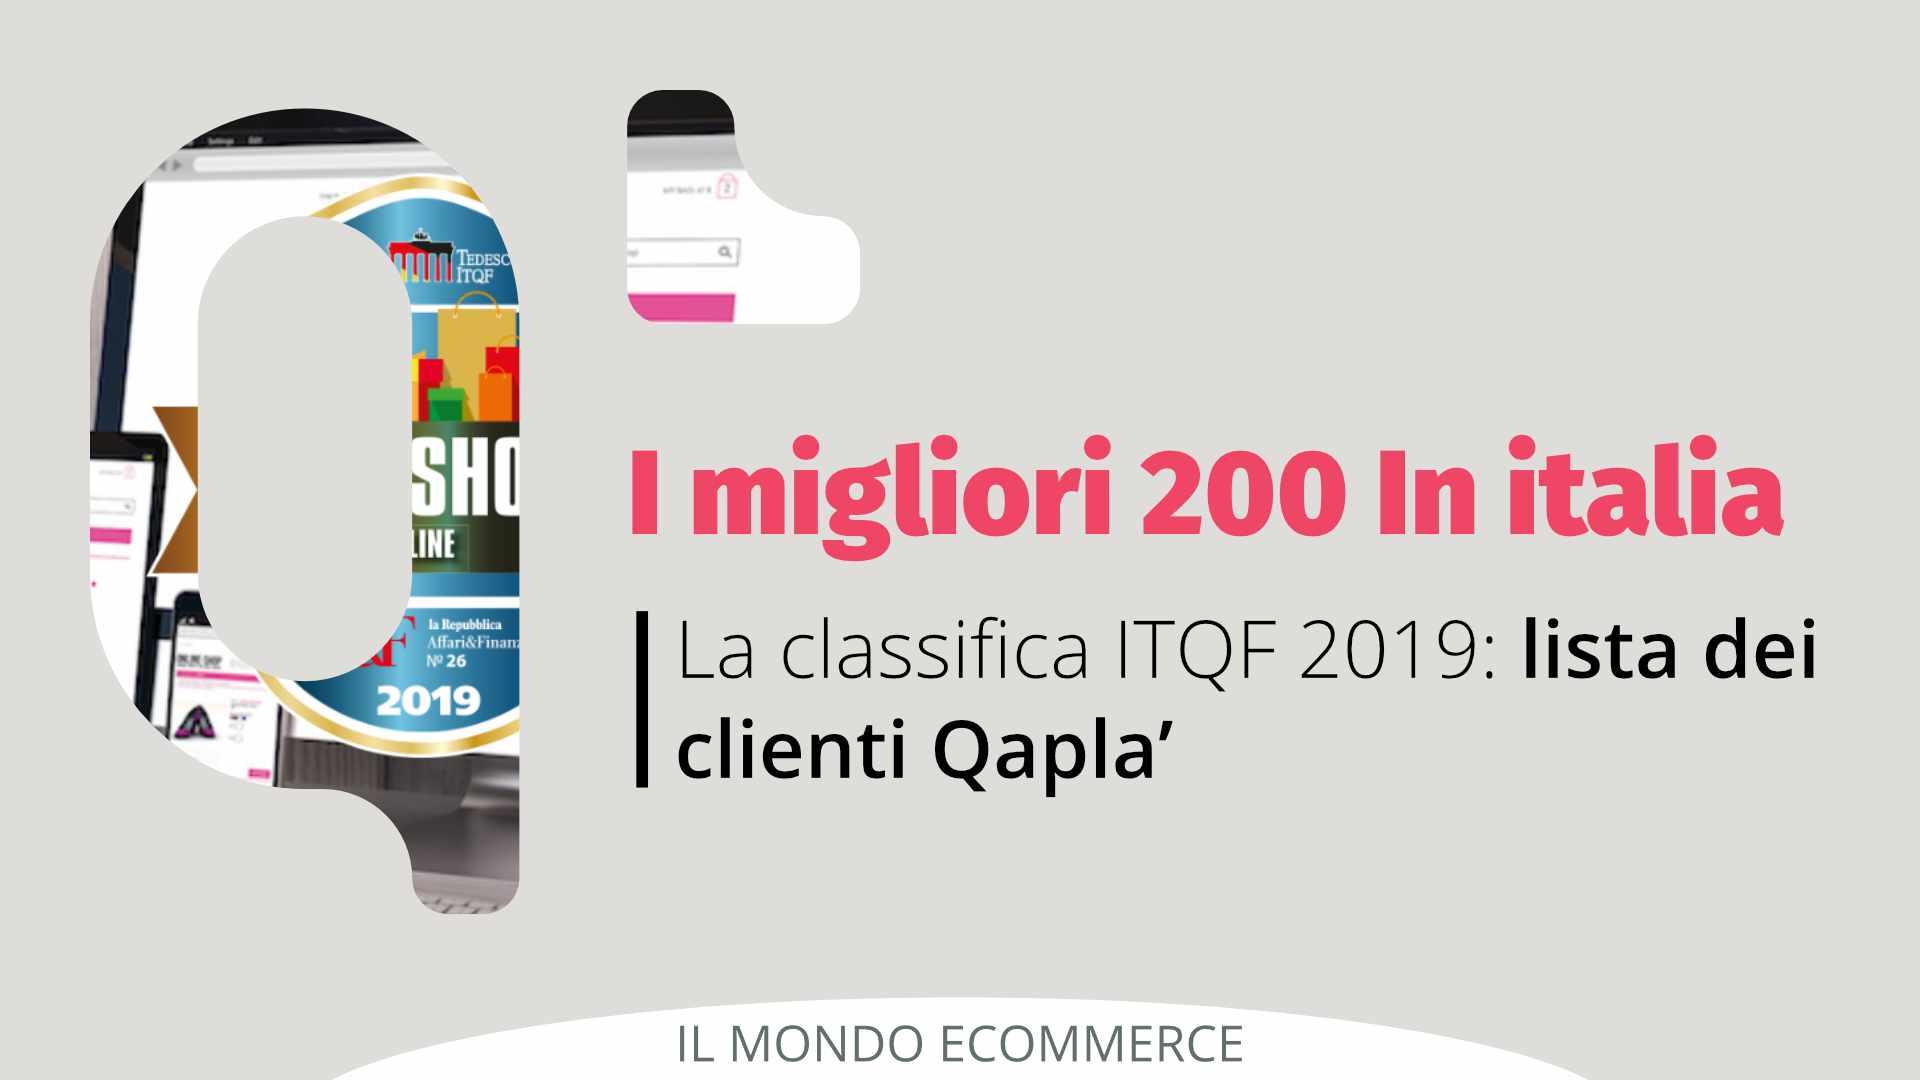 La classifica ITQF dei migliori 200 eCommerce Italiani: il 10% sono clienti Qapla'